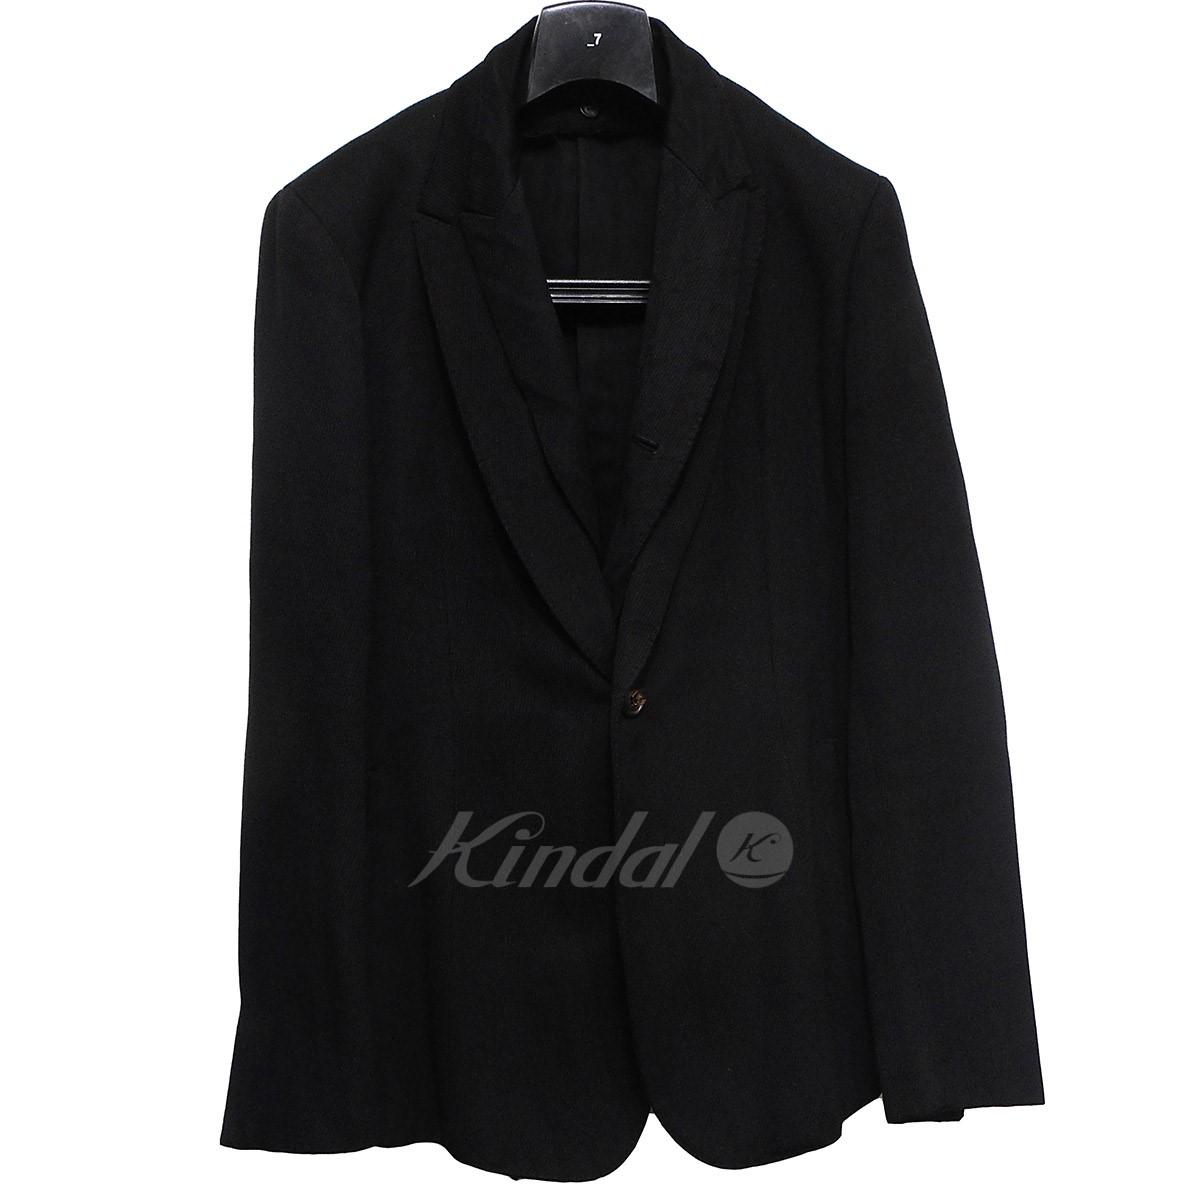 【中古】JULIUS フェイクレイヤードピークド1Bジャケット ブラック サイズ:JK:3 PA:2 【送料無料】 【090219】(ユリウス)